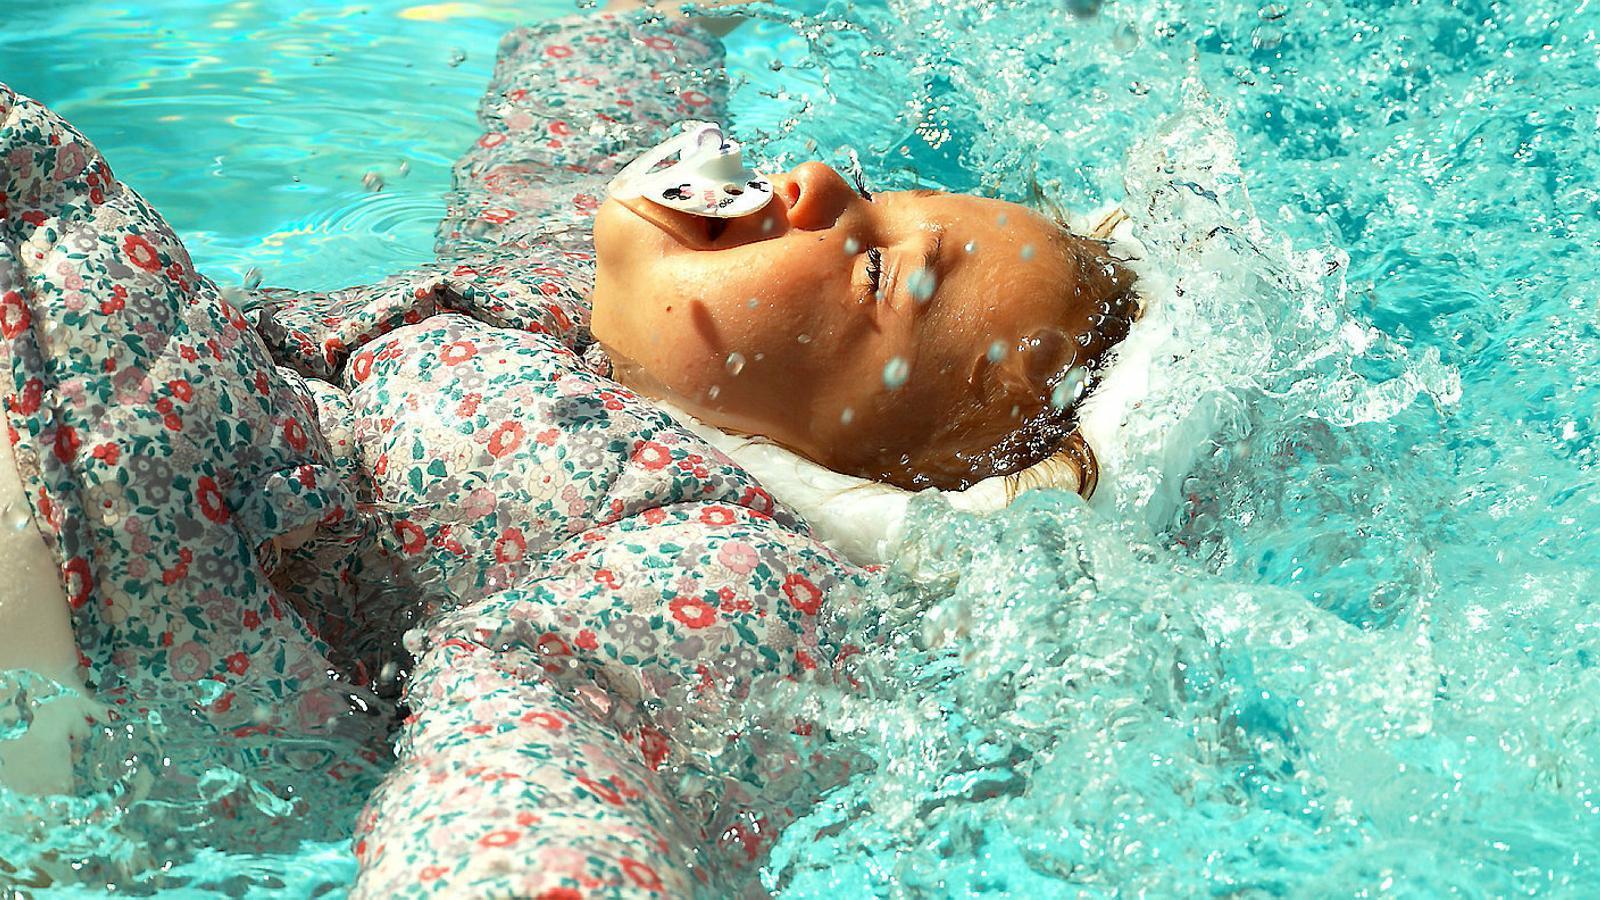 Tirar un nadó a la piscina pel seu propi bé